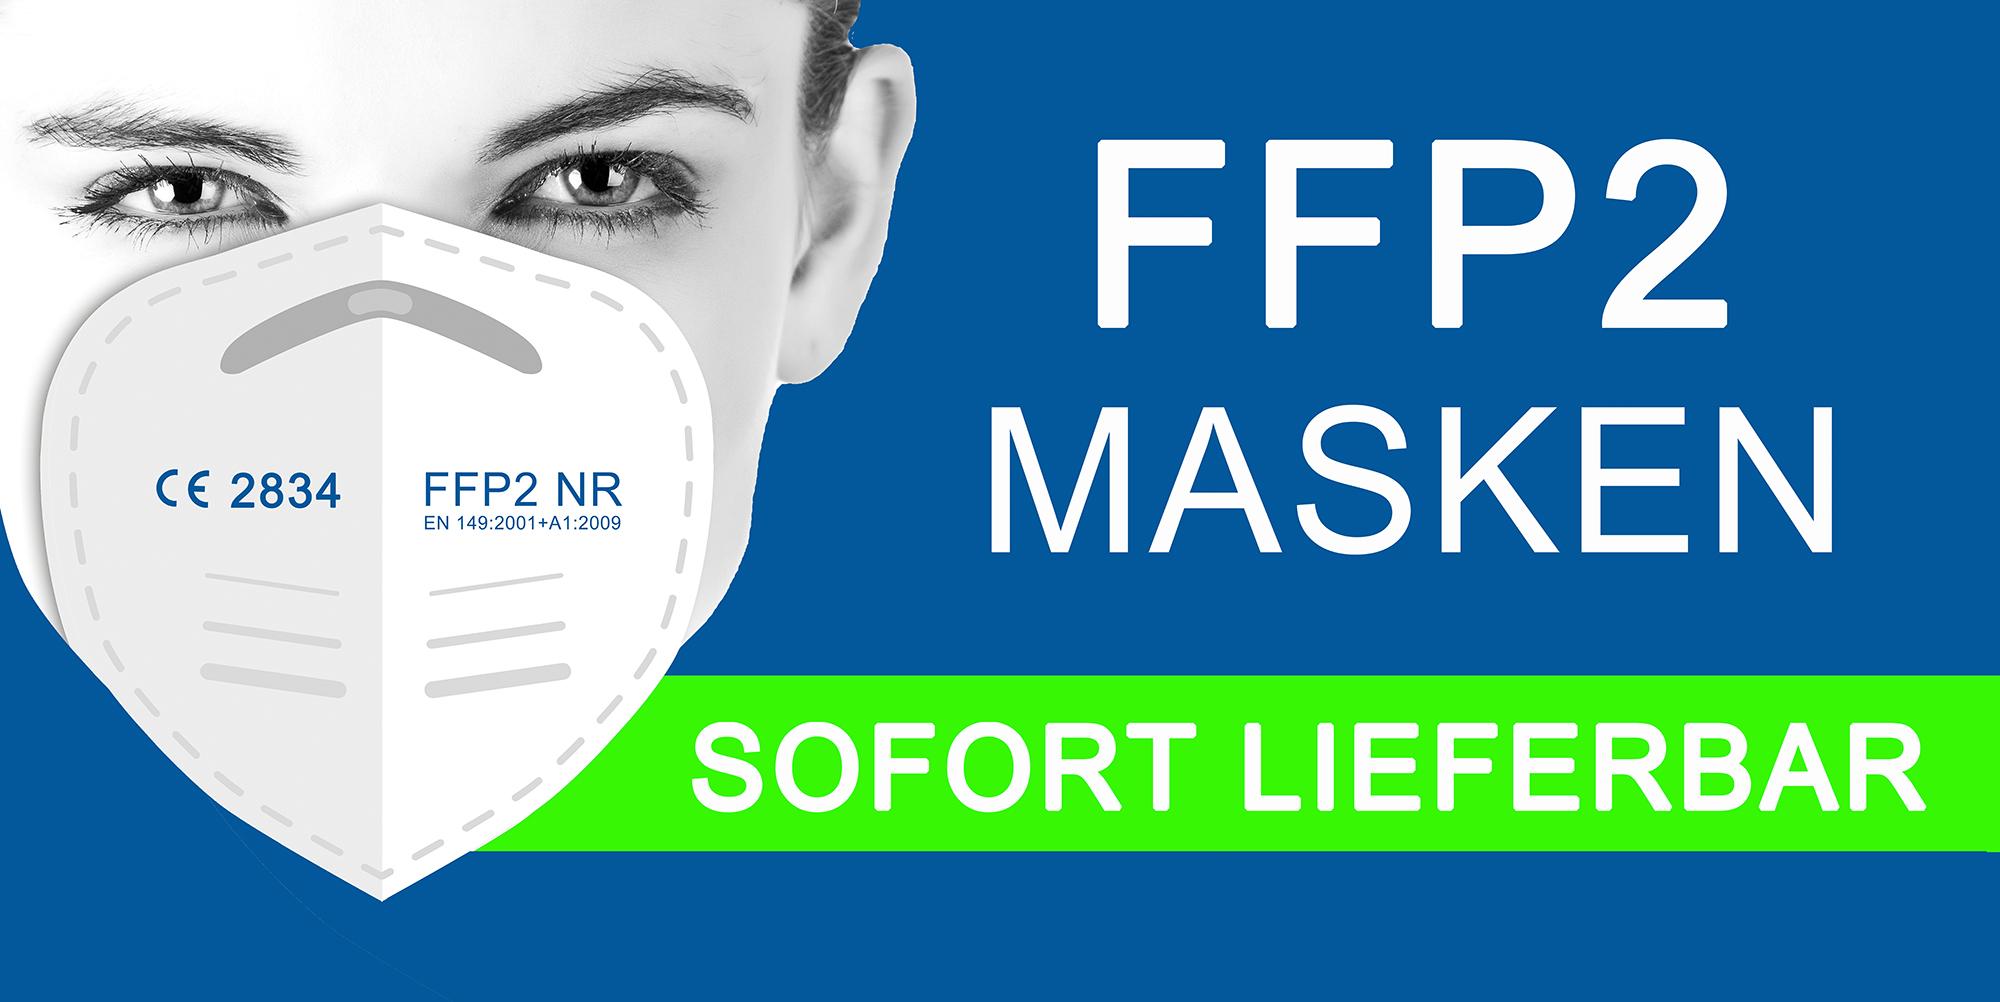 FFP2 Masken und medizinische Masken sofort li